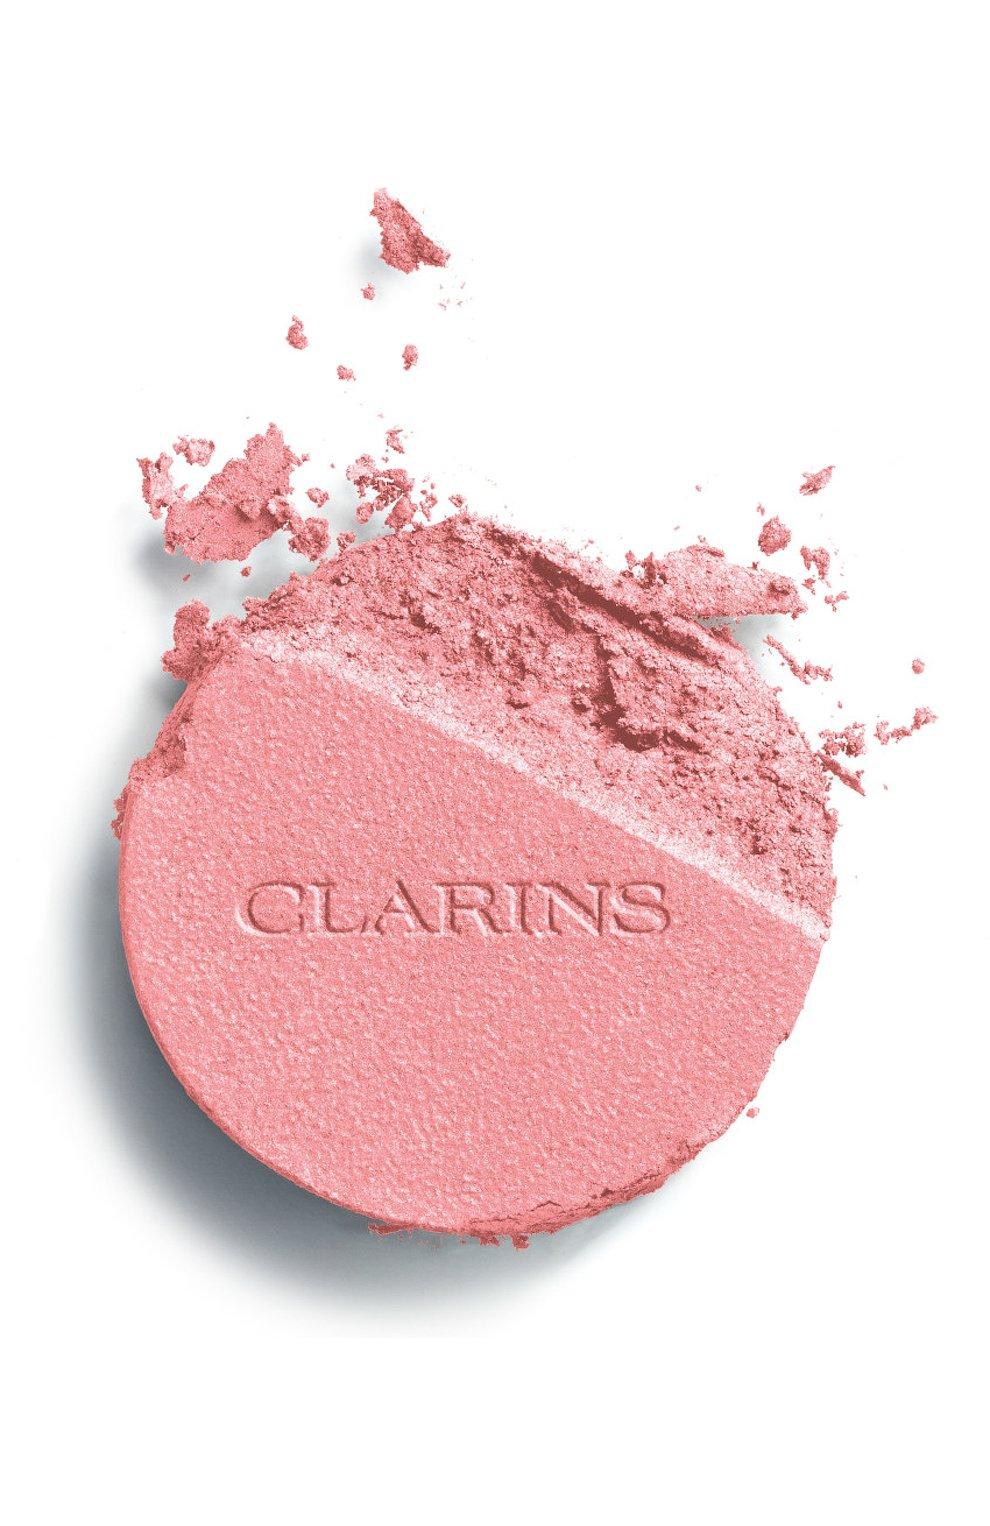 Женские компактные румяна joli blush, оттенок 01 CLARINS бесцветного цвета, арт. 80051345 | Фото 2